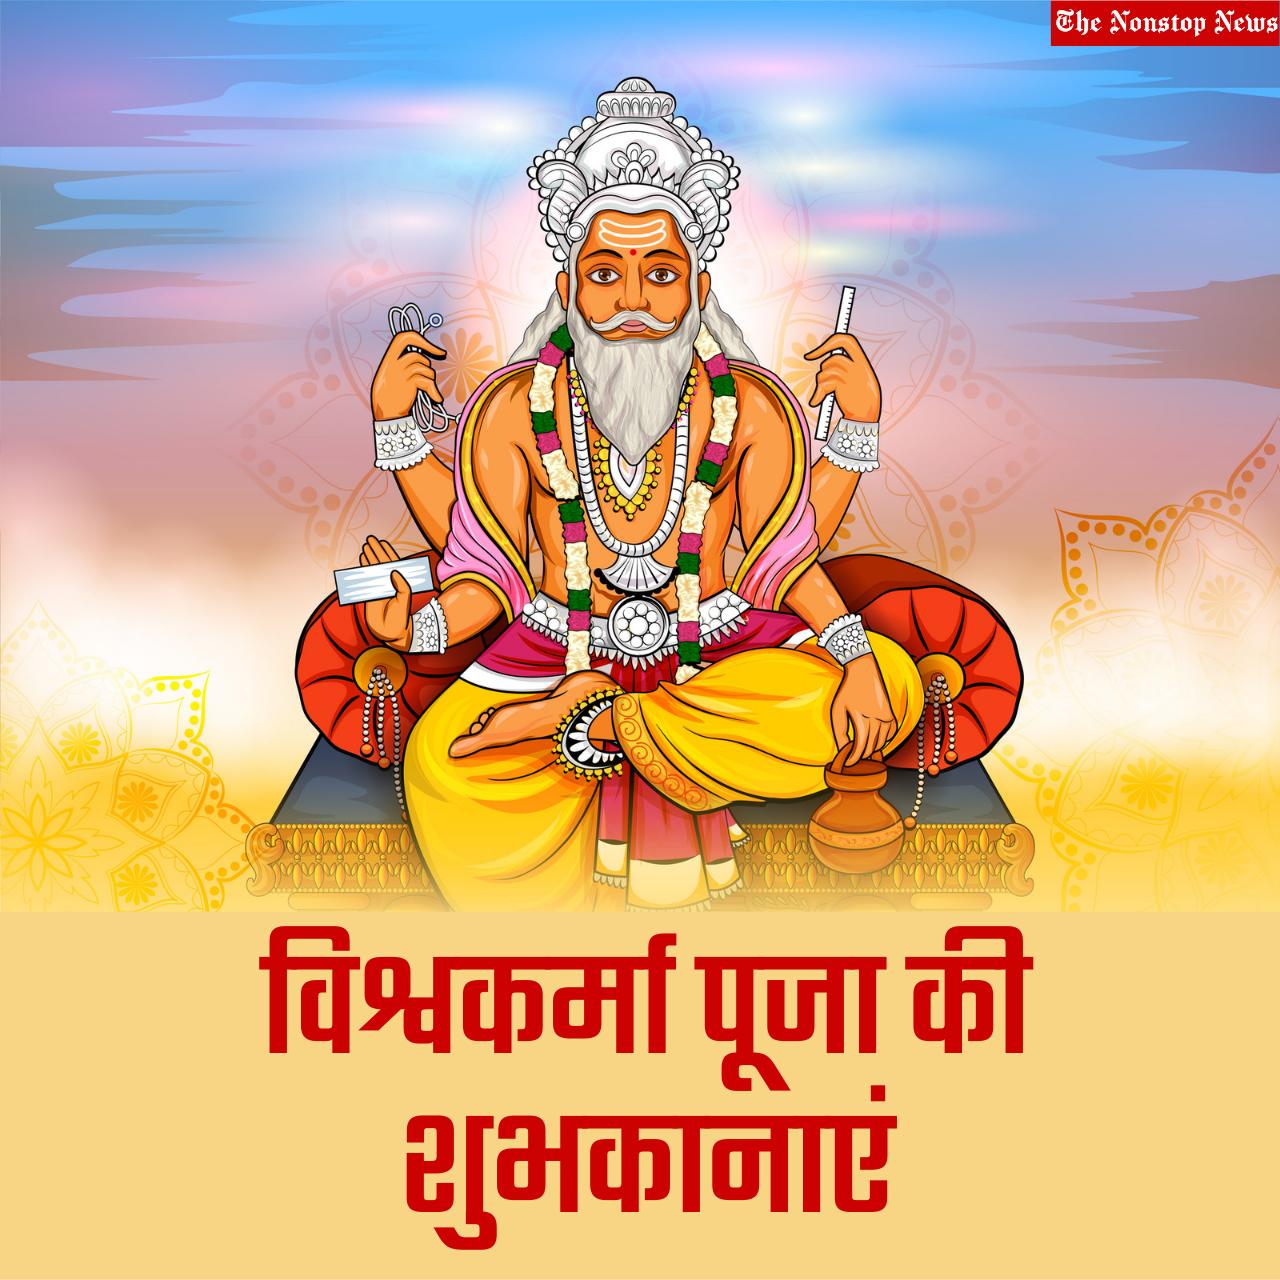 Vishwakarma Puja 2021 Hindi Wishes, Quotes, Messages, Images, Greetings, and Shayari to greet anyone